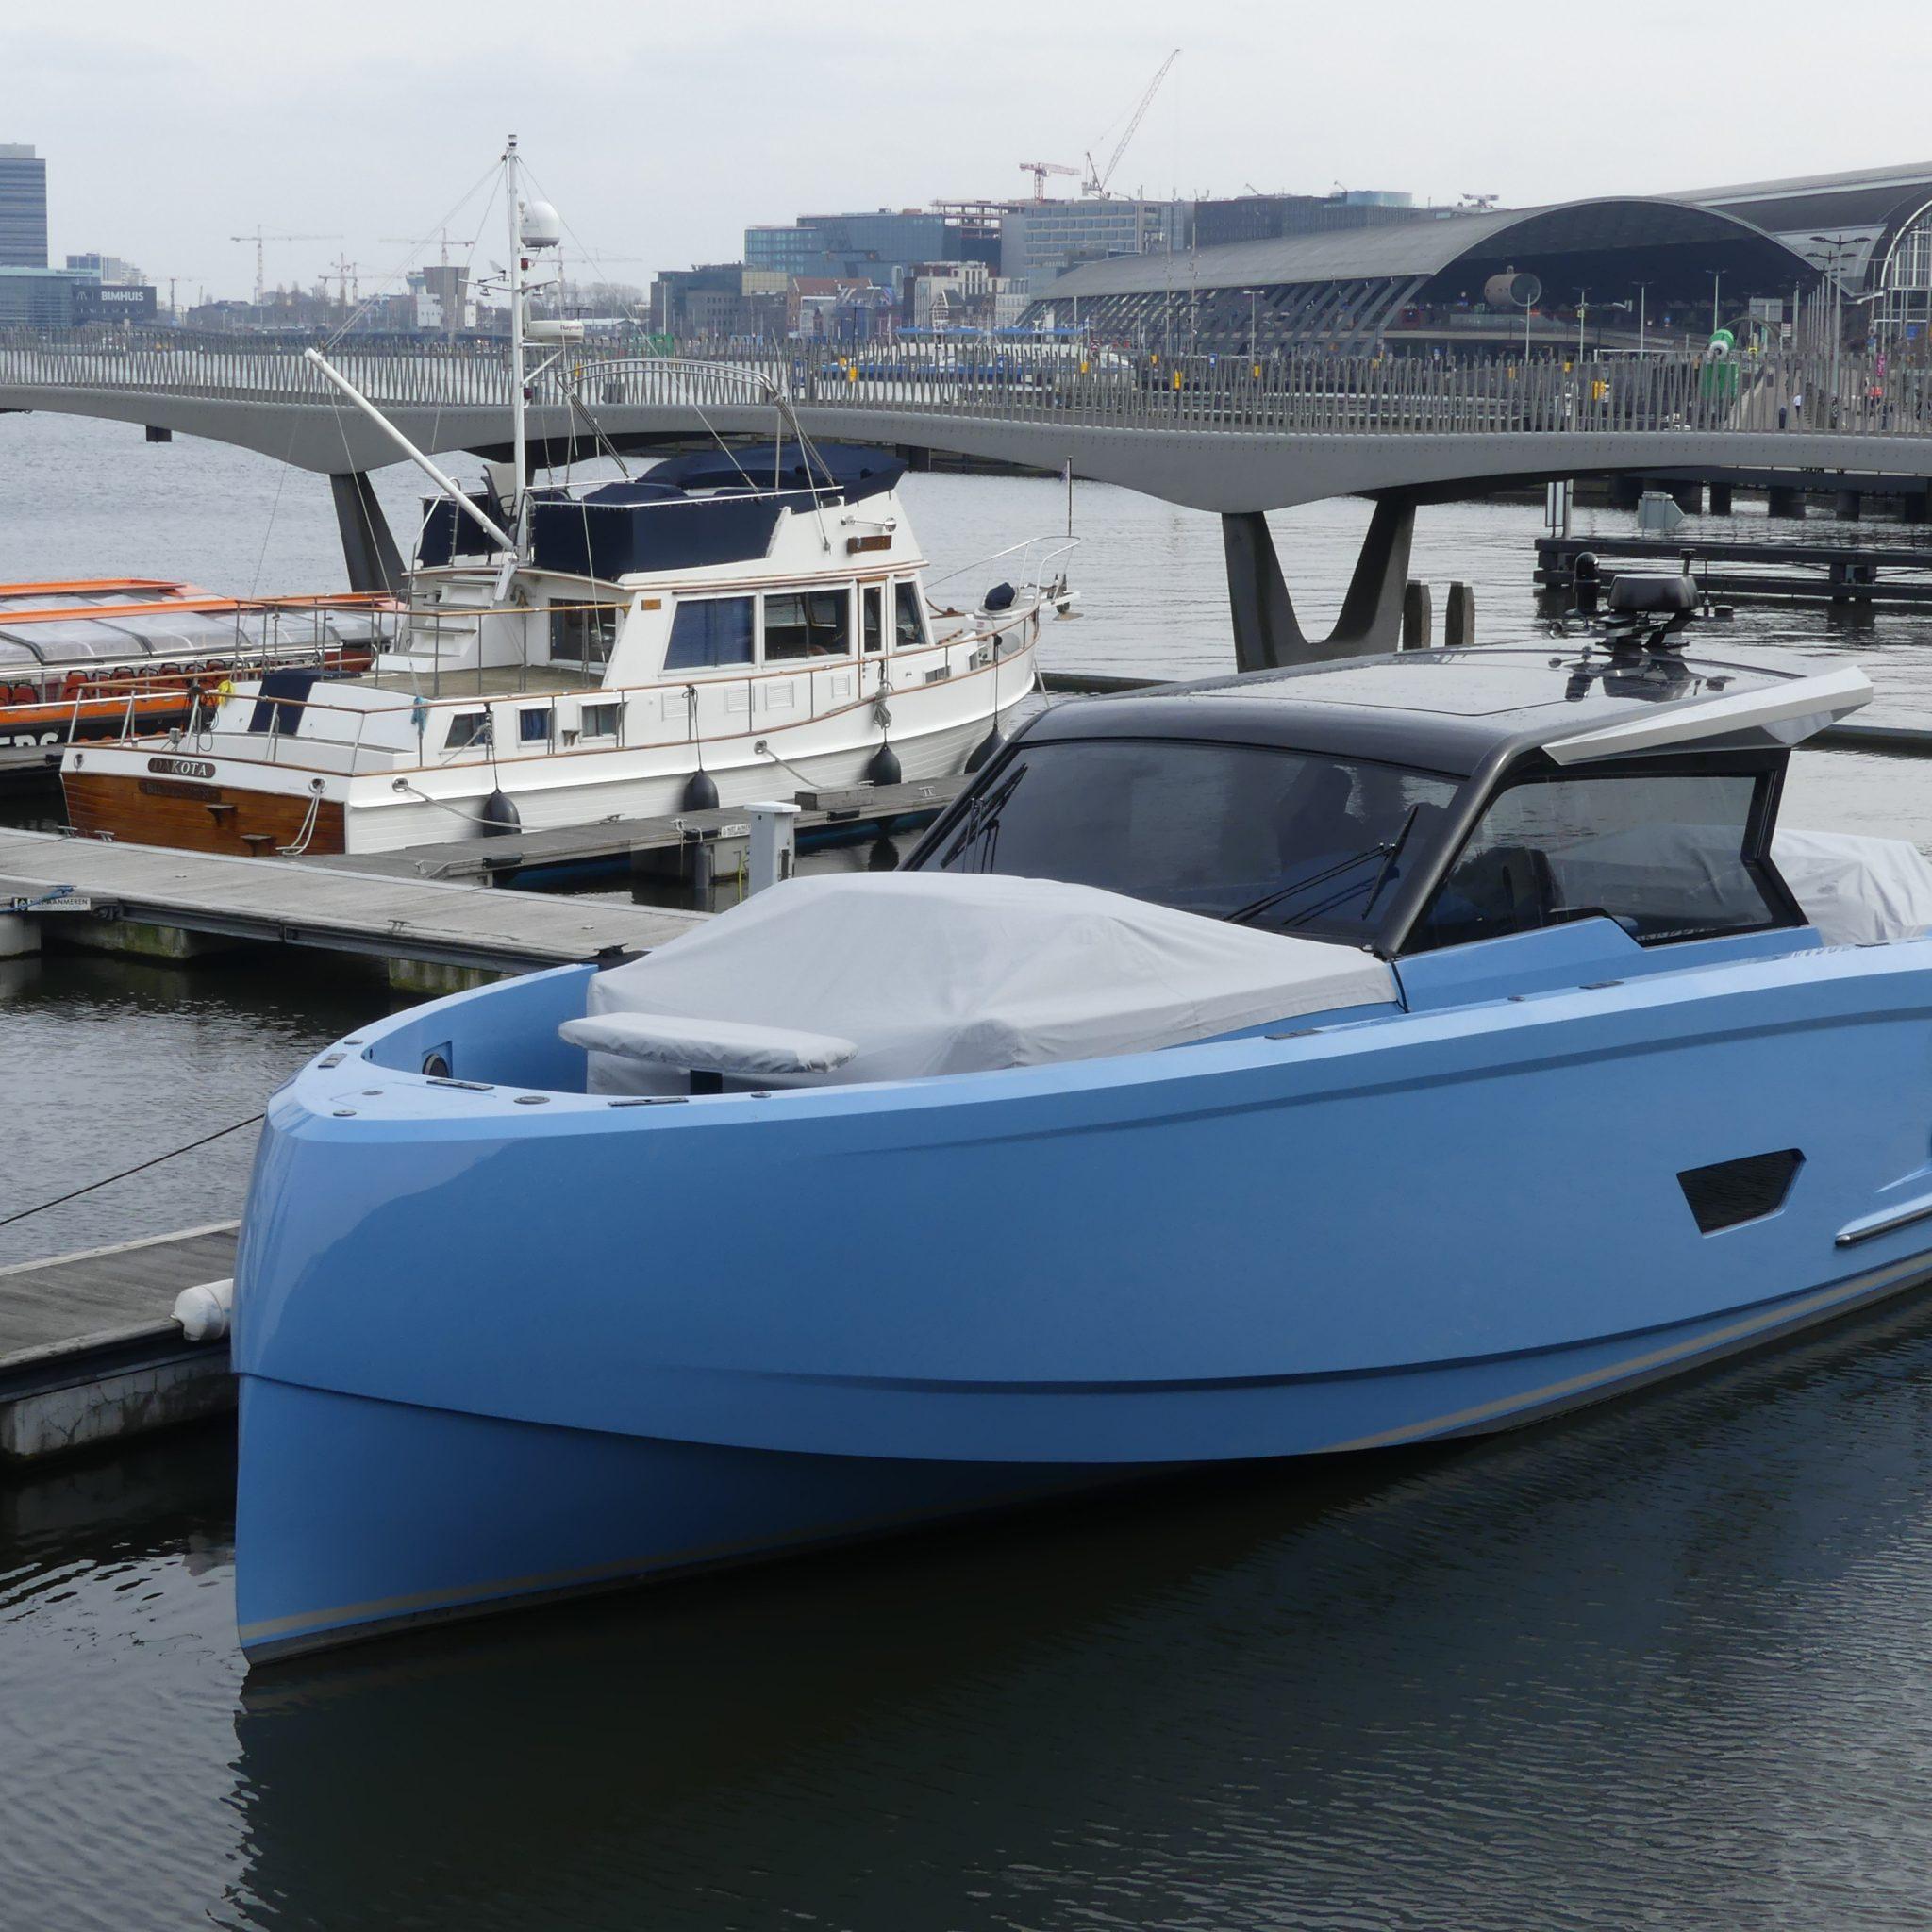 De Vanquish VQ 52 in de City Marina van Amsterdam. 'De negatieve boeg snijdt onwijs goed door de golven.' (Foto Heere Heeresma jr.)